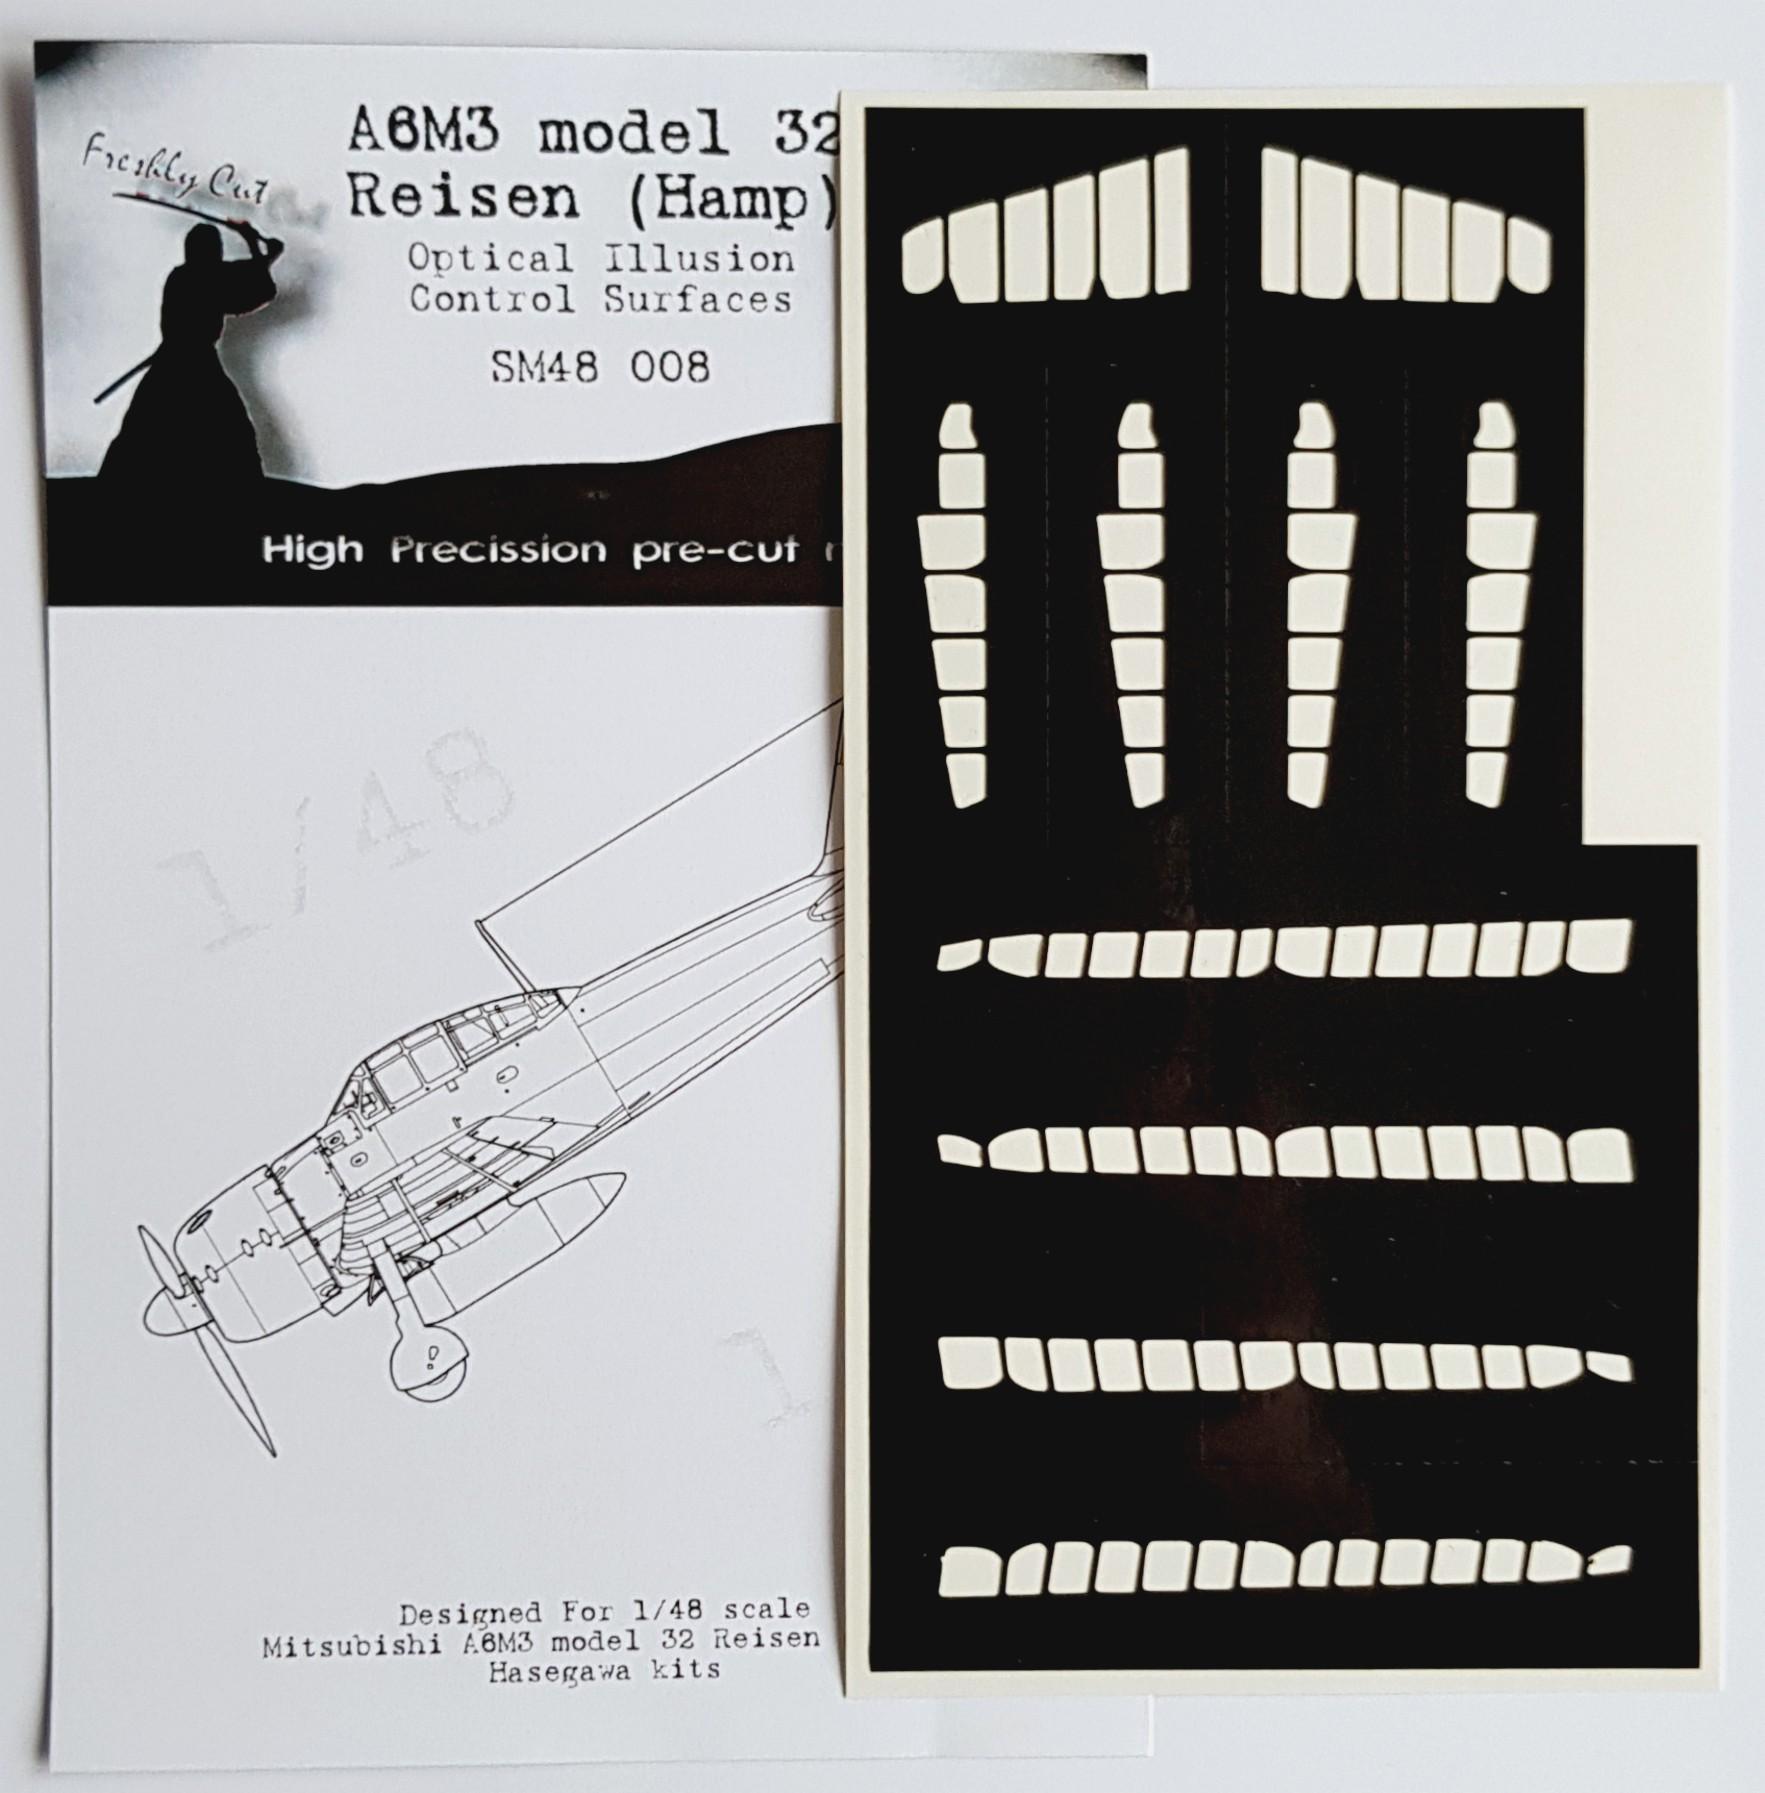 DDMSM48008